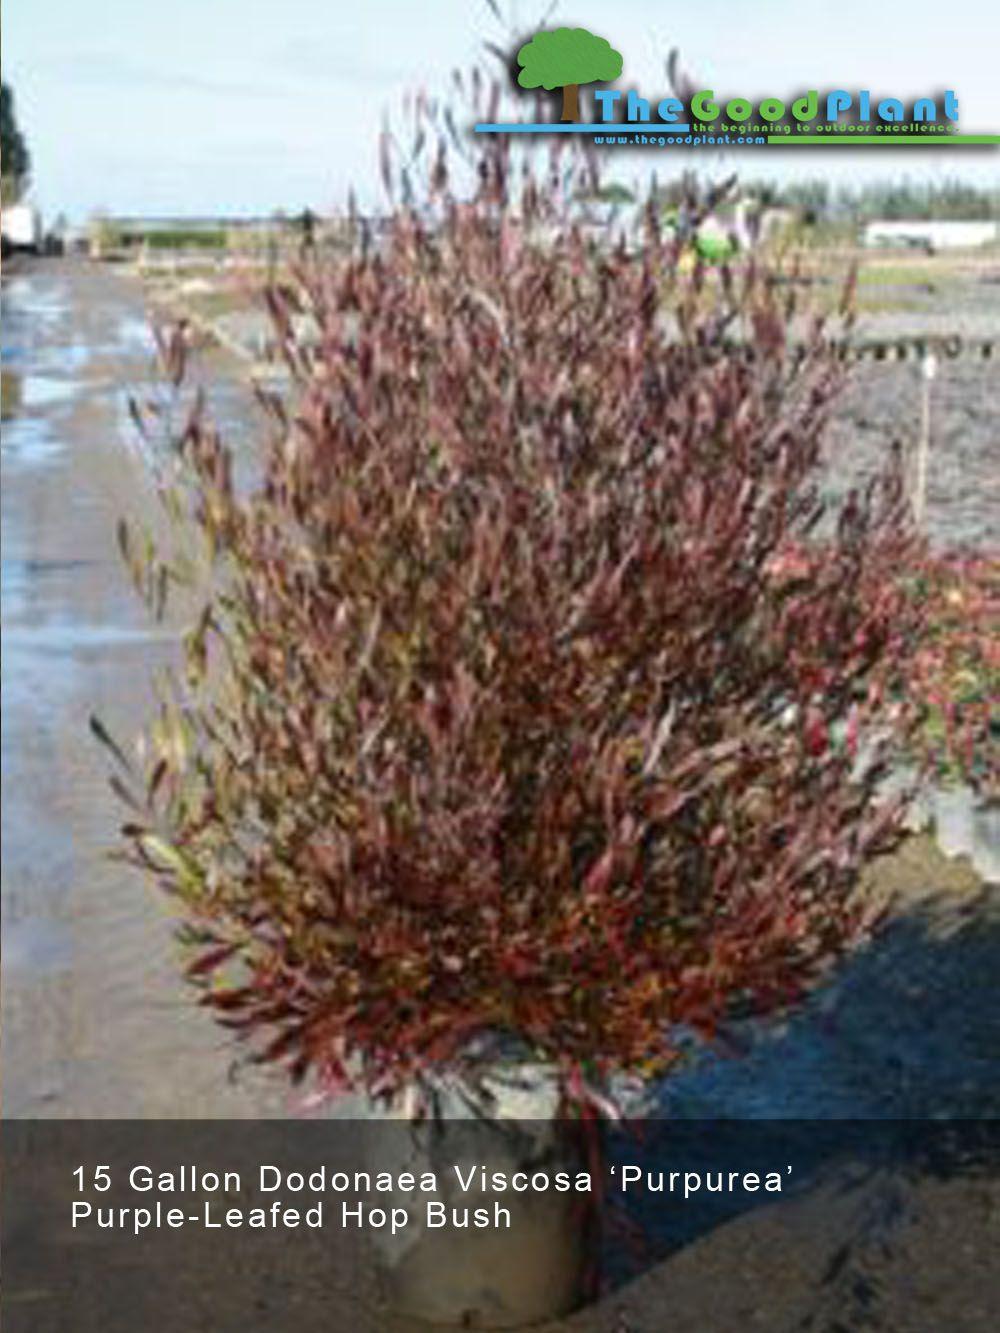 Dodonaea Visconsa \'Purpurea\' Great LA plant - shrub/tree depending ...